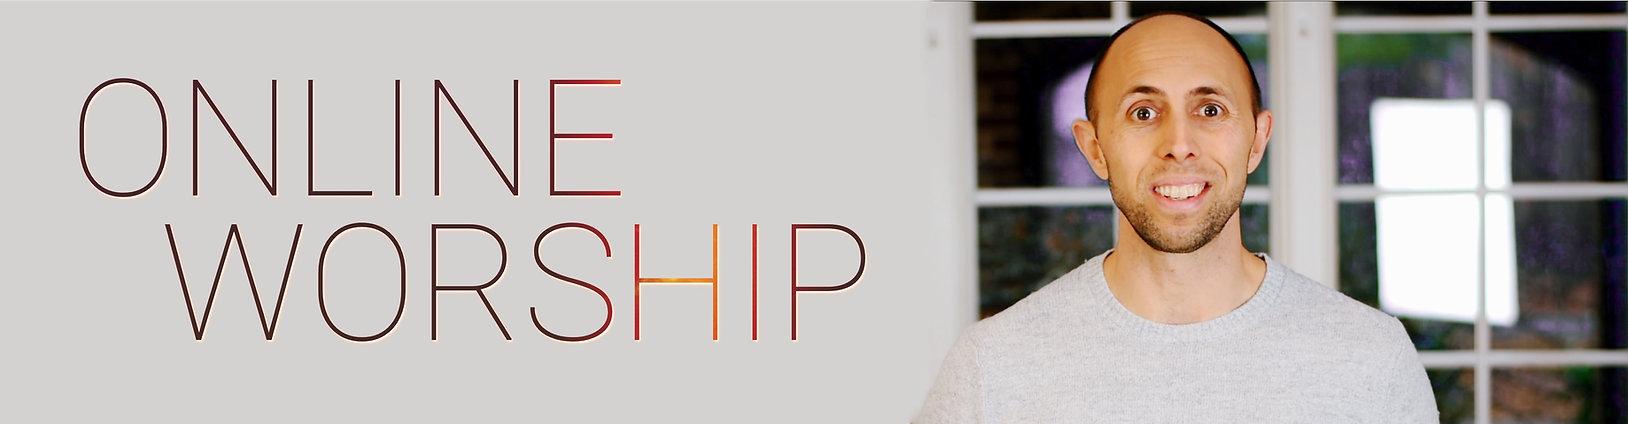 Online Worship - Slim.jpg